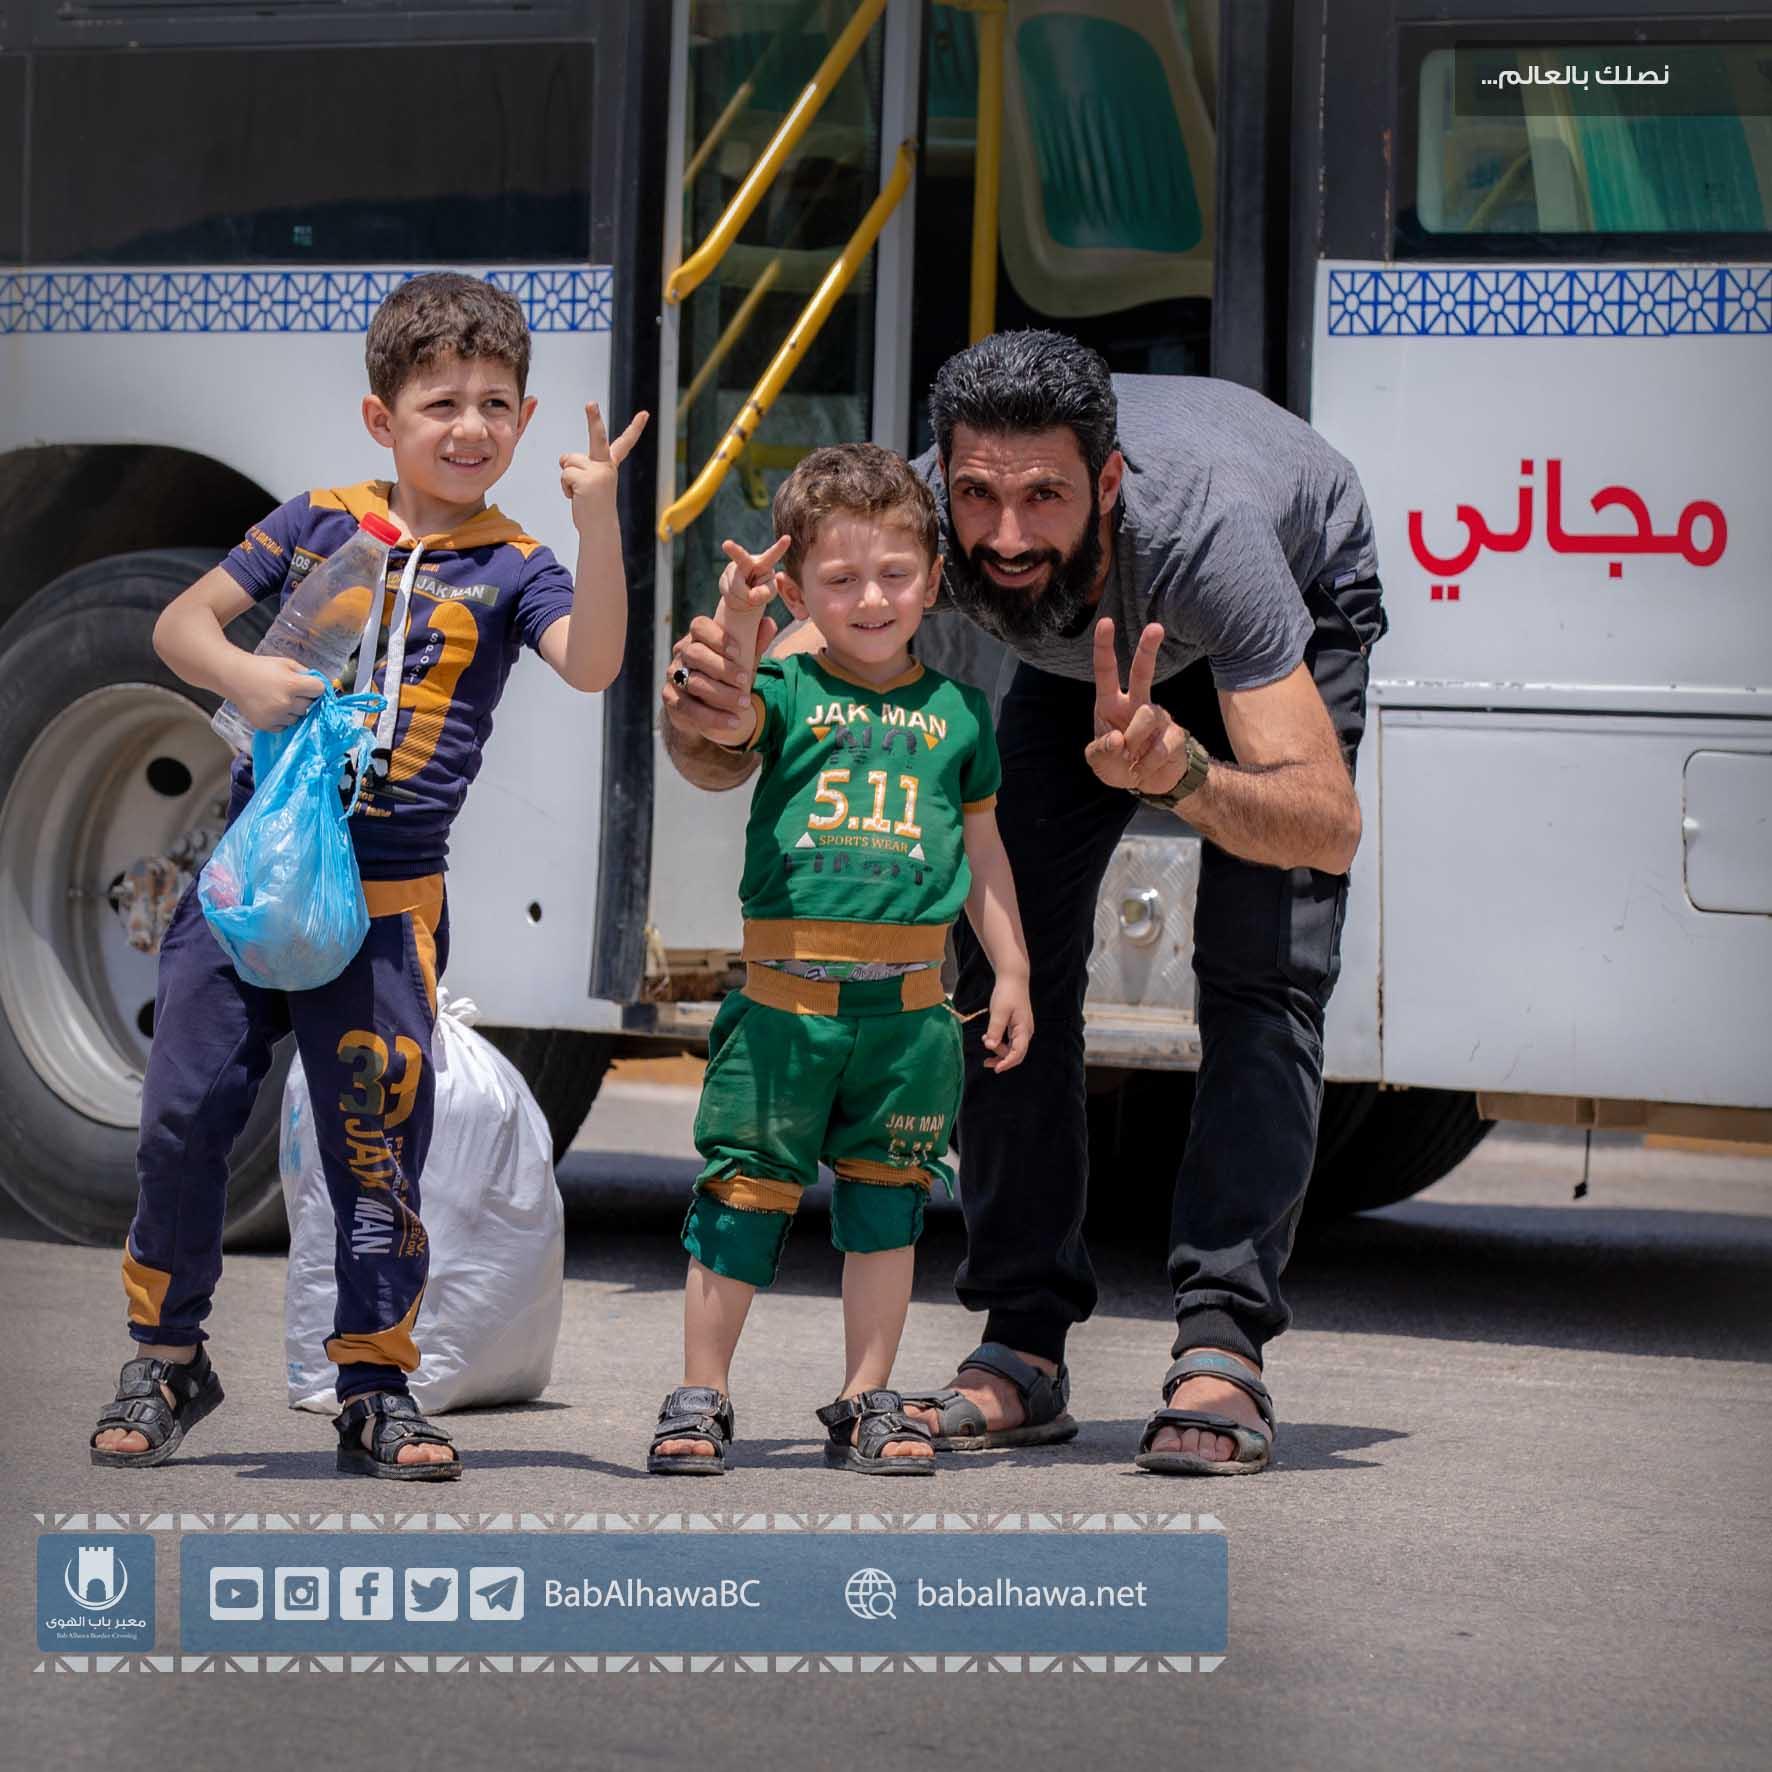 مسافرين في معبر باب الهوى - سوريا